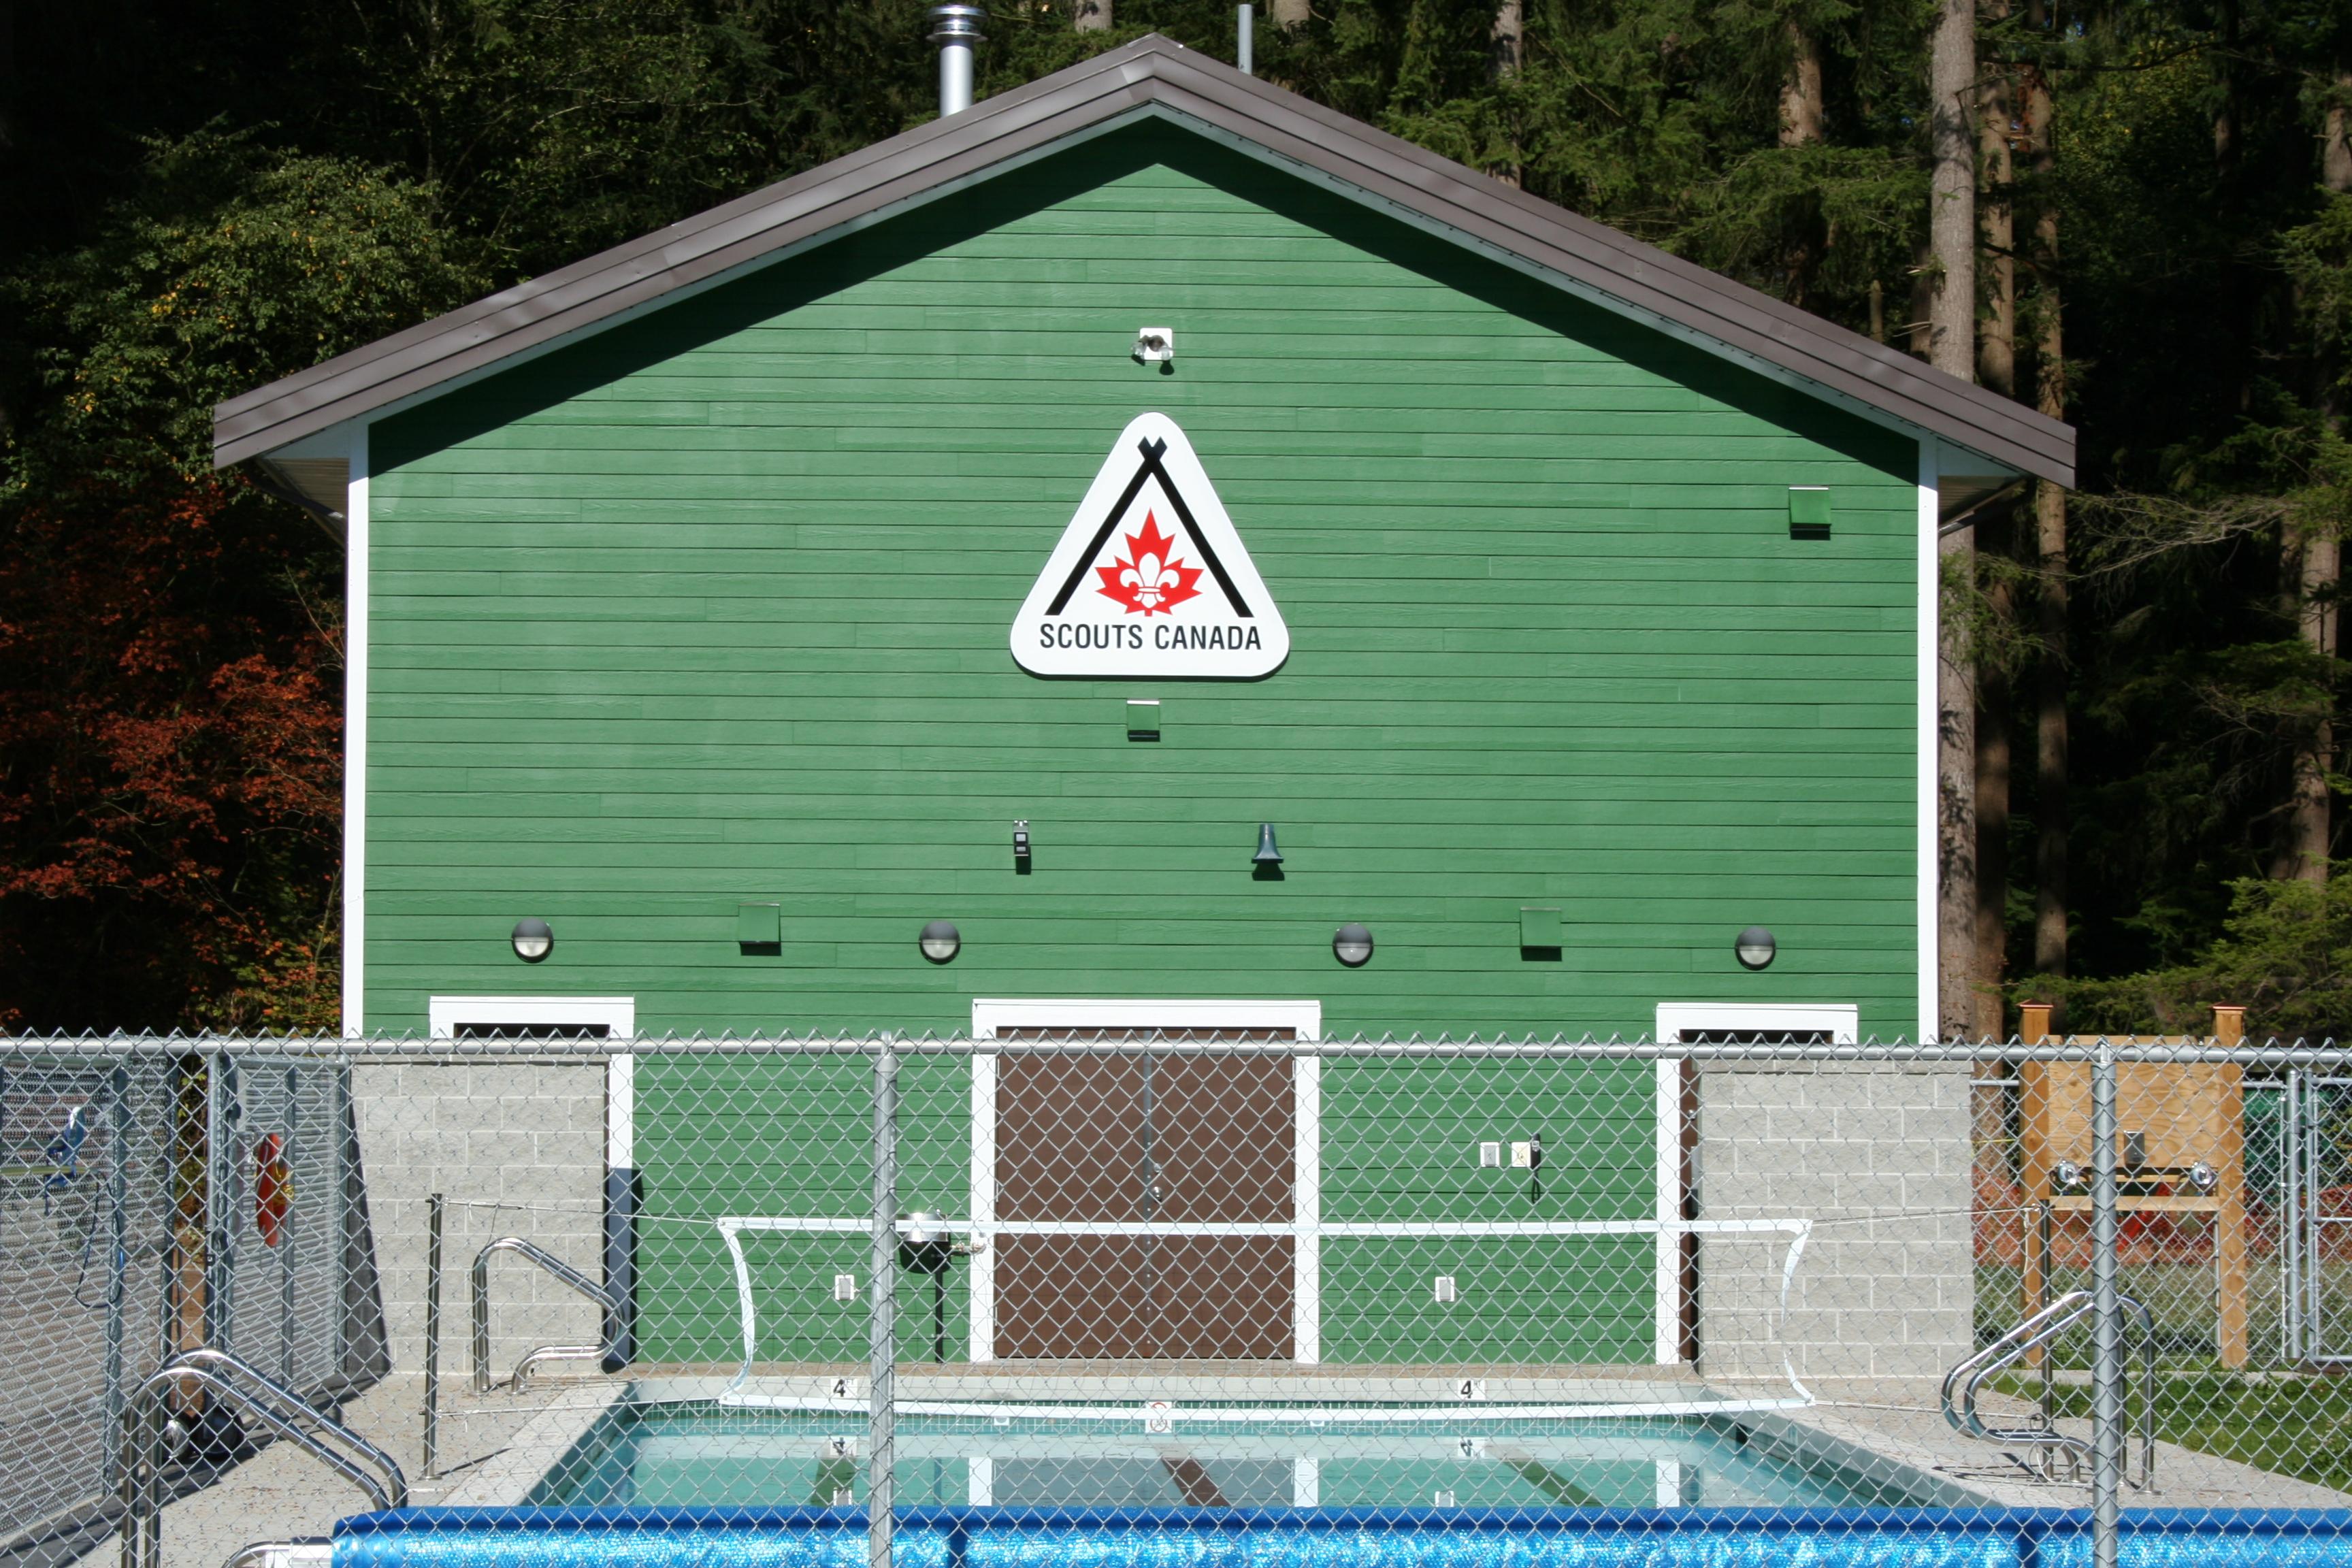 Scouts Canada Camp McLean